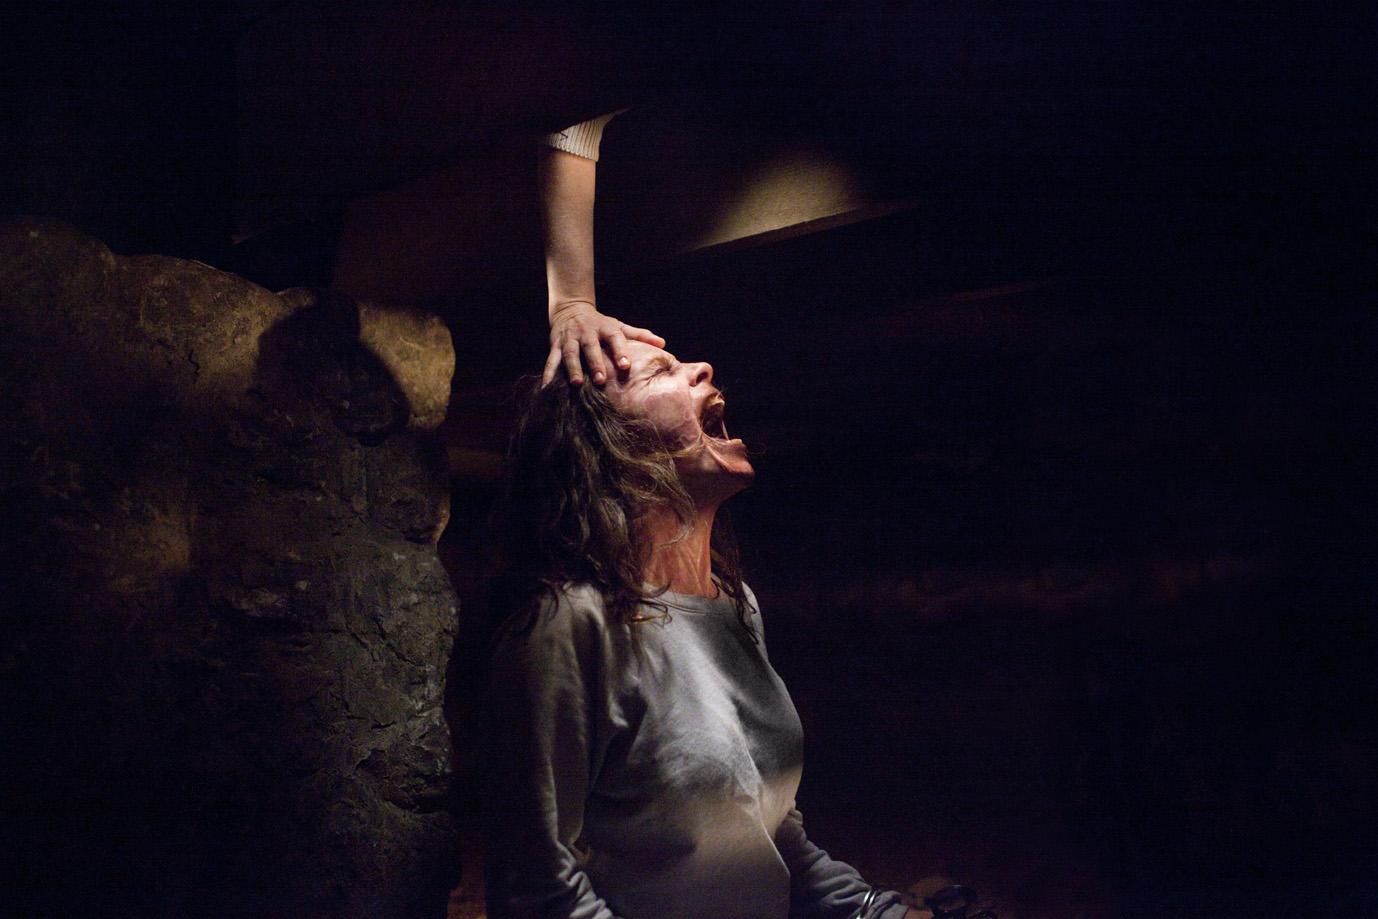 『死霊館』© Warner Bros. Entertainment Inc.